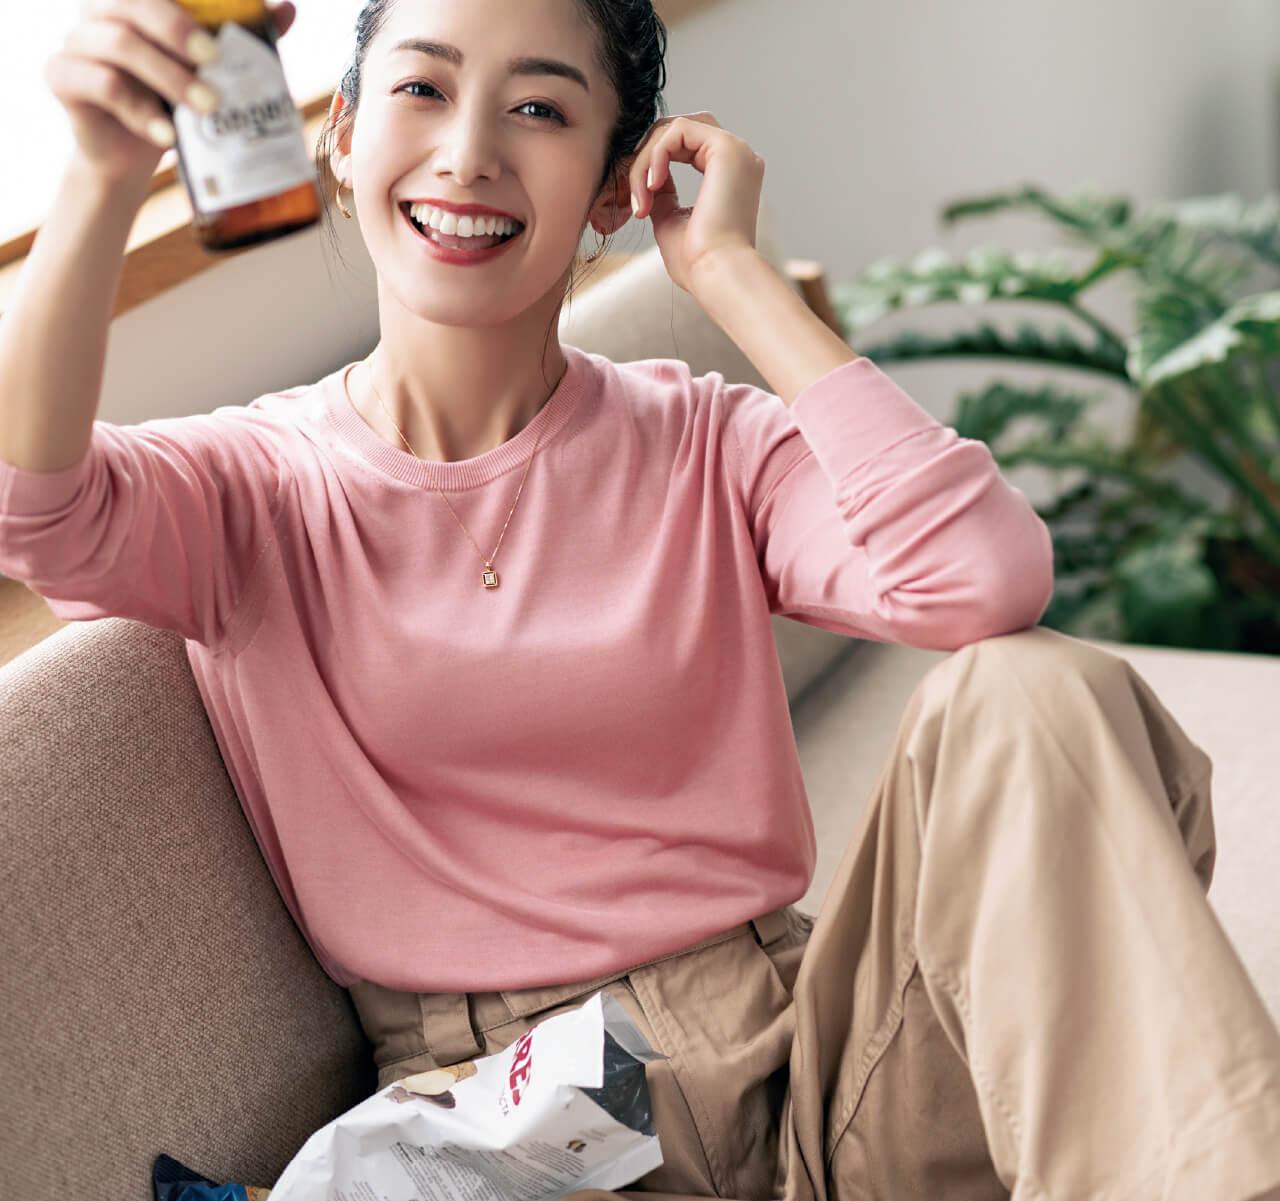 橋本優子さん オンライン飲み会×ダイヤモンドネックレス